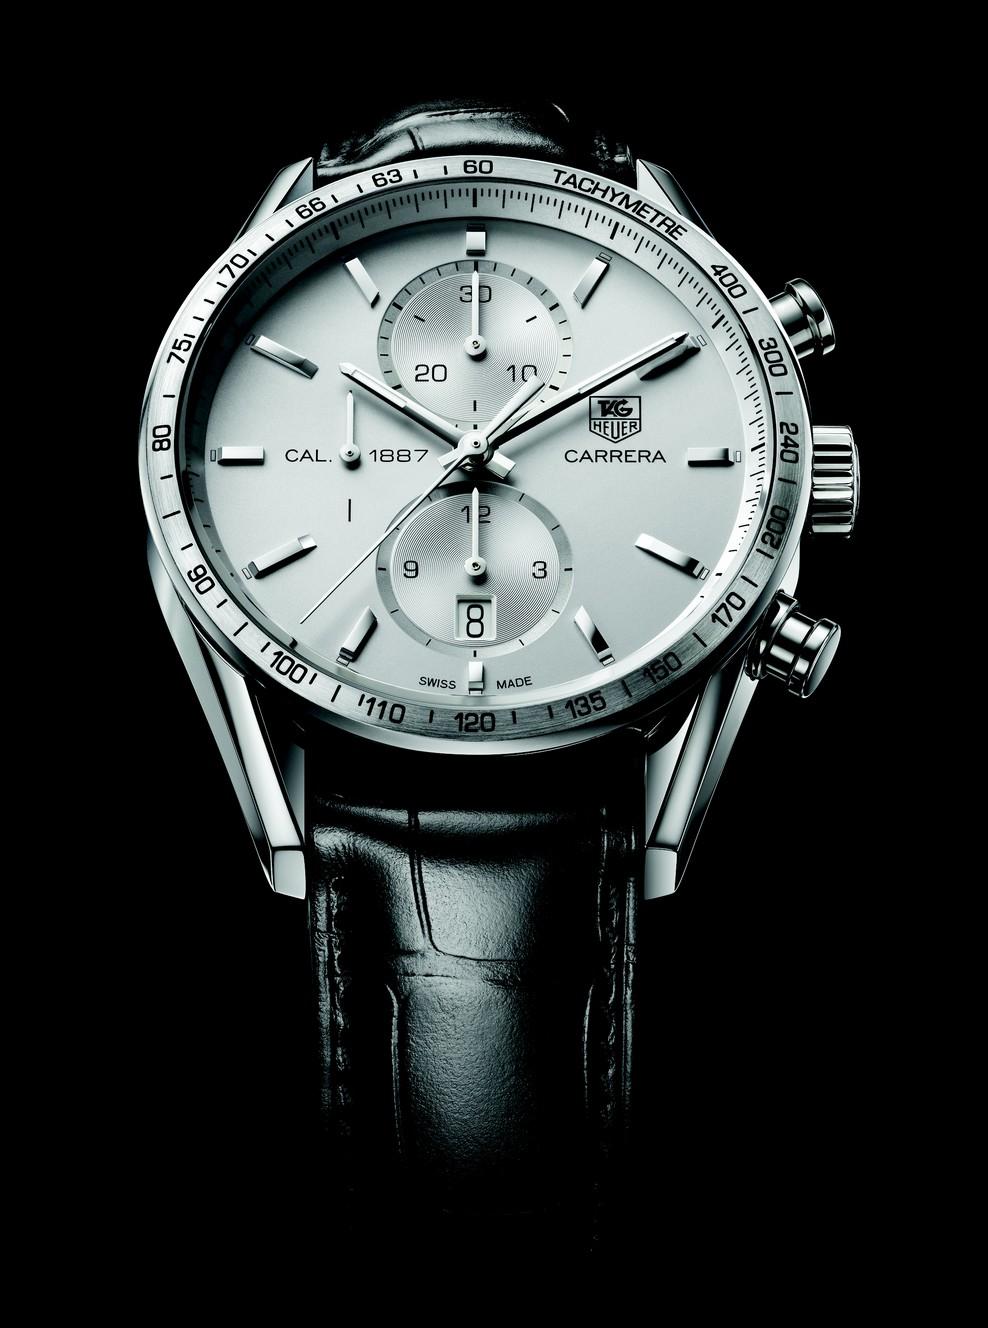 j 39 aime les montres la montre du jour tag heuer carrera calibre 1887 chronographe. Black Bedroom Furniture Sets. Home Design Ideas